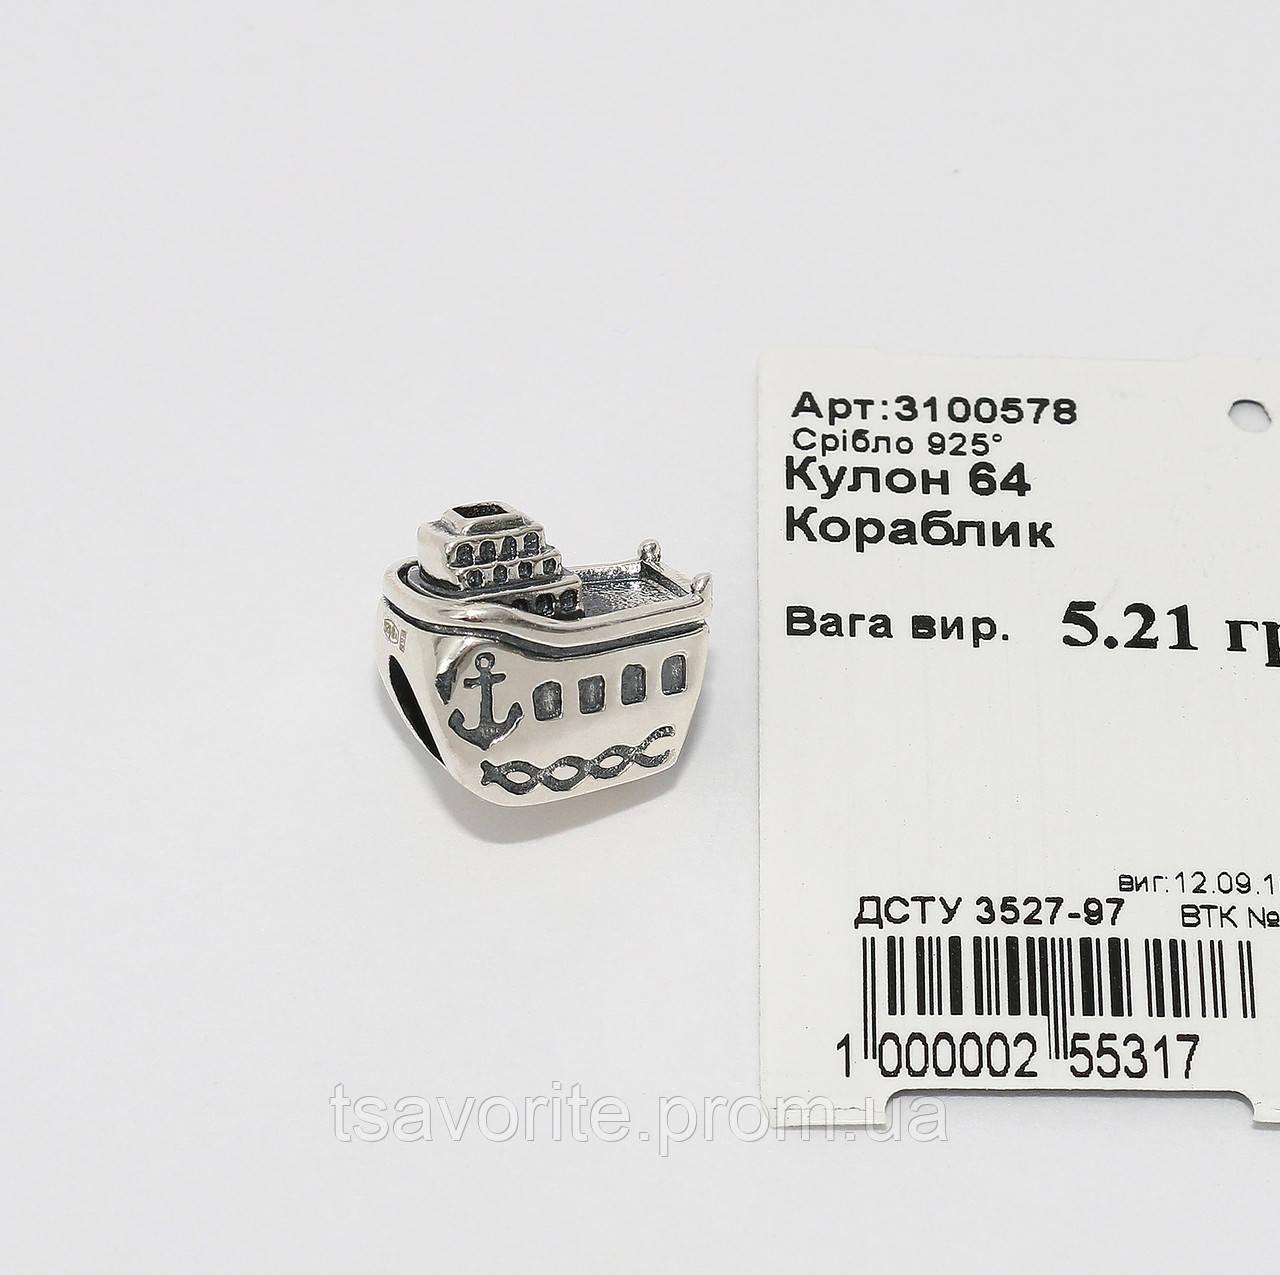 Серебряная подвеска-шарм для Pandora 3100578